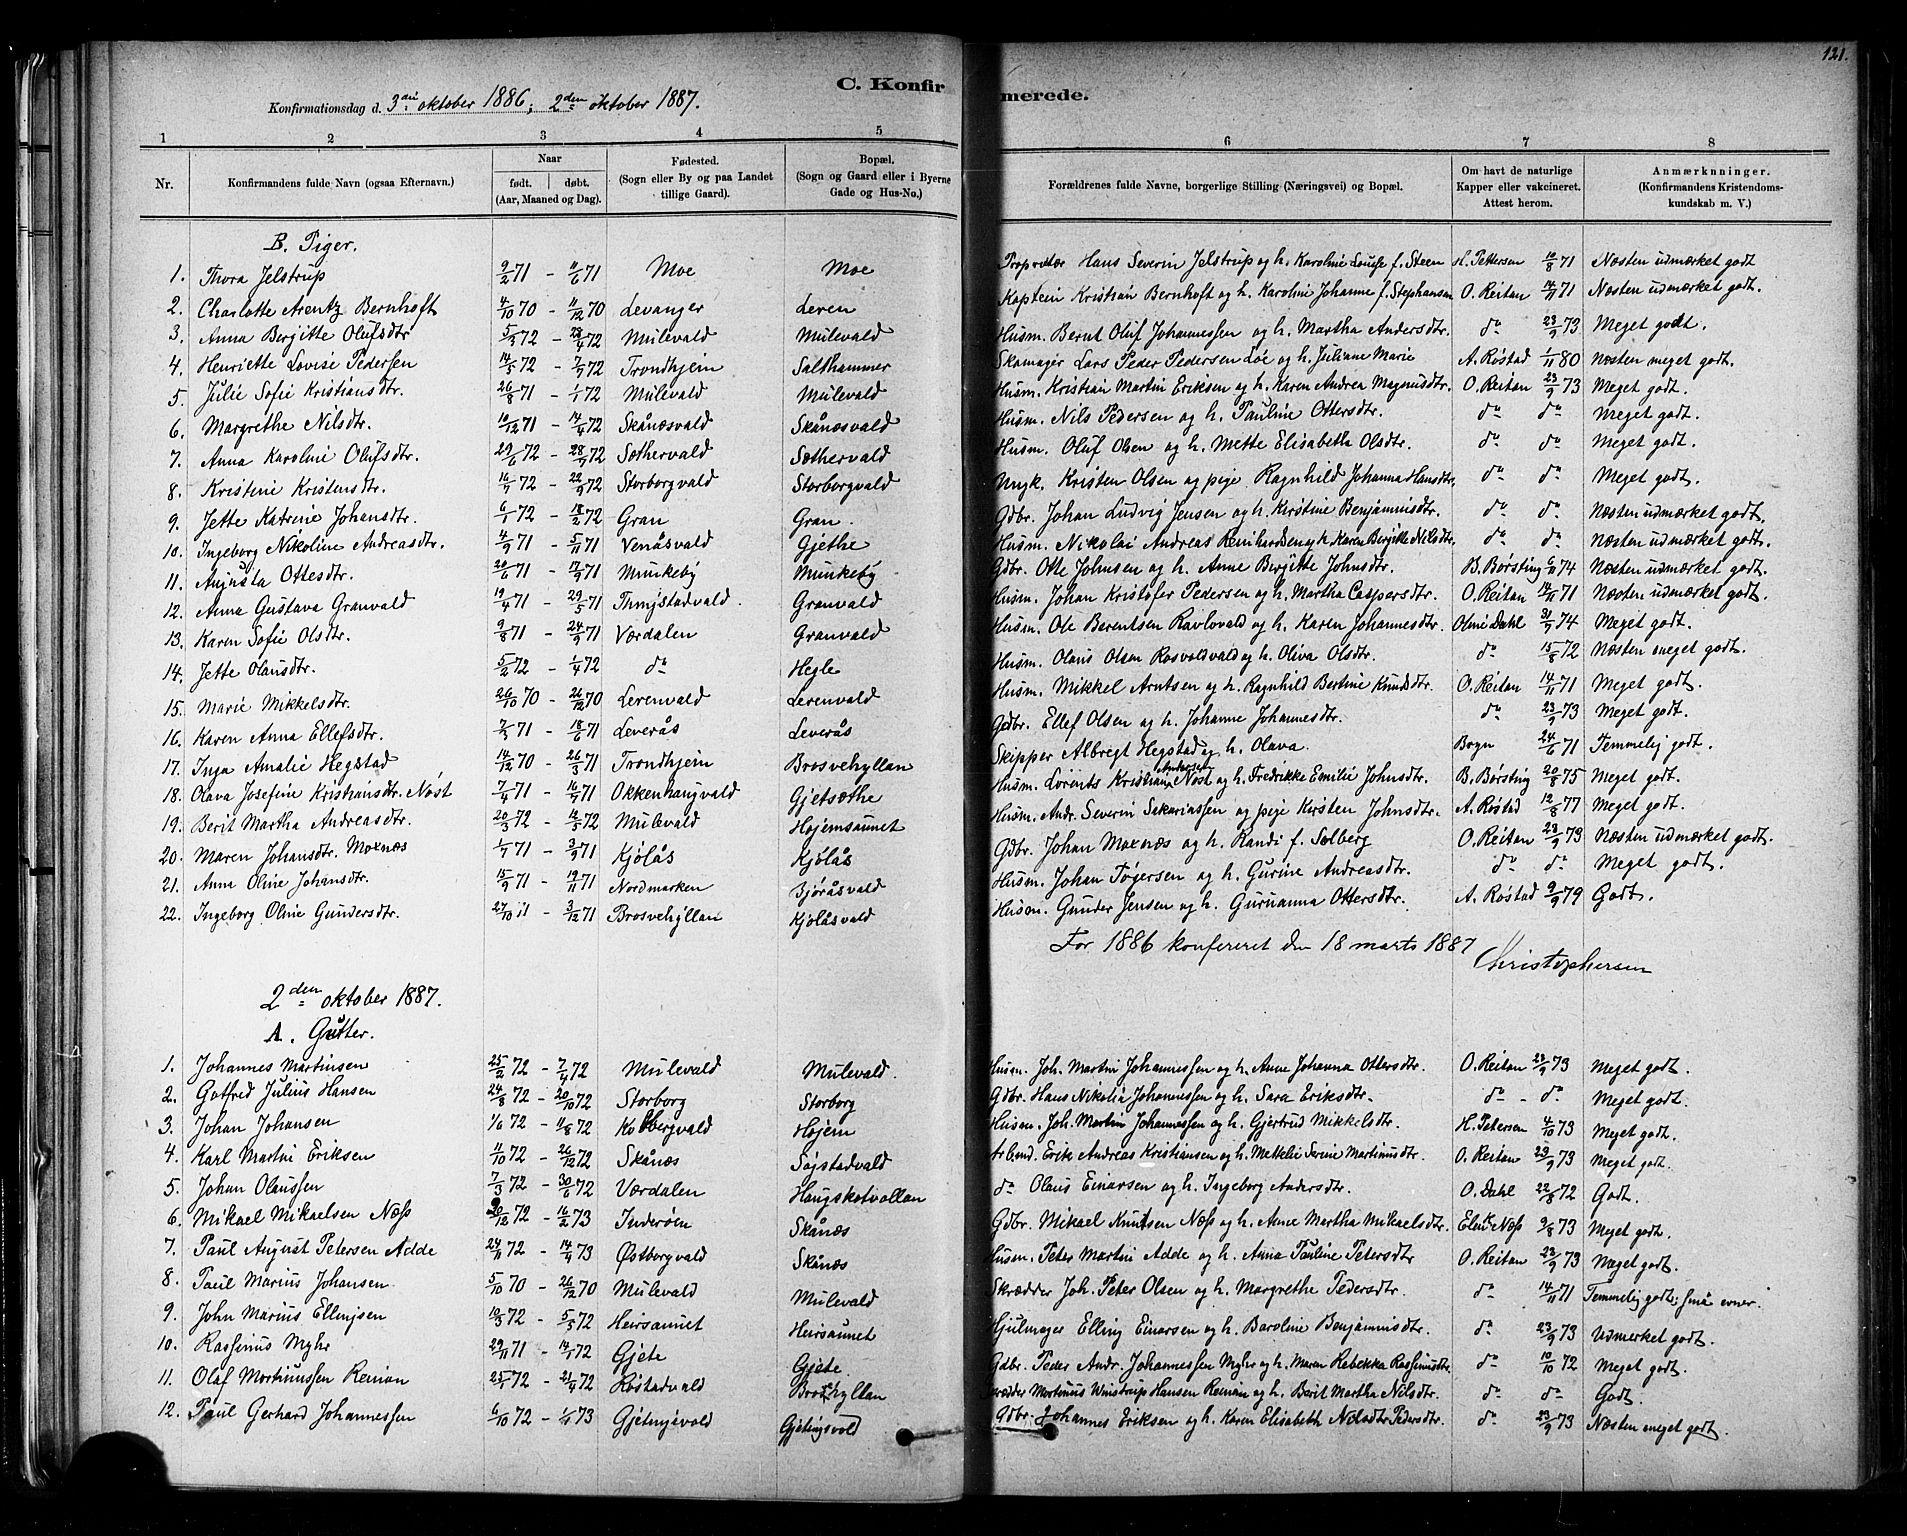 SAT, Ministerialprotokoller, klokkerbøker og fødselsregistre - Nord-Trøndelag, 721/L0208: Klokkerbok nr. 721C01, 1880-1917, s. 121